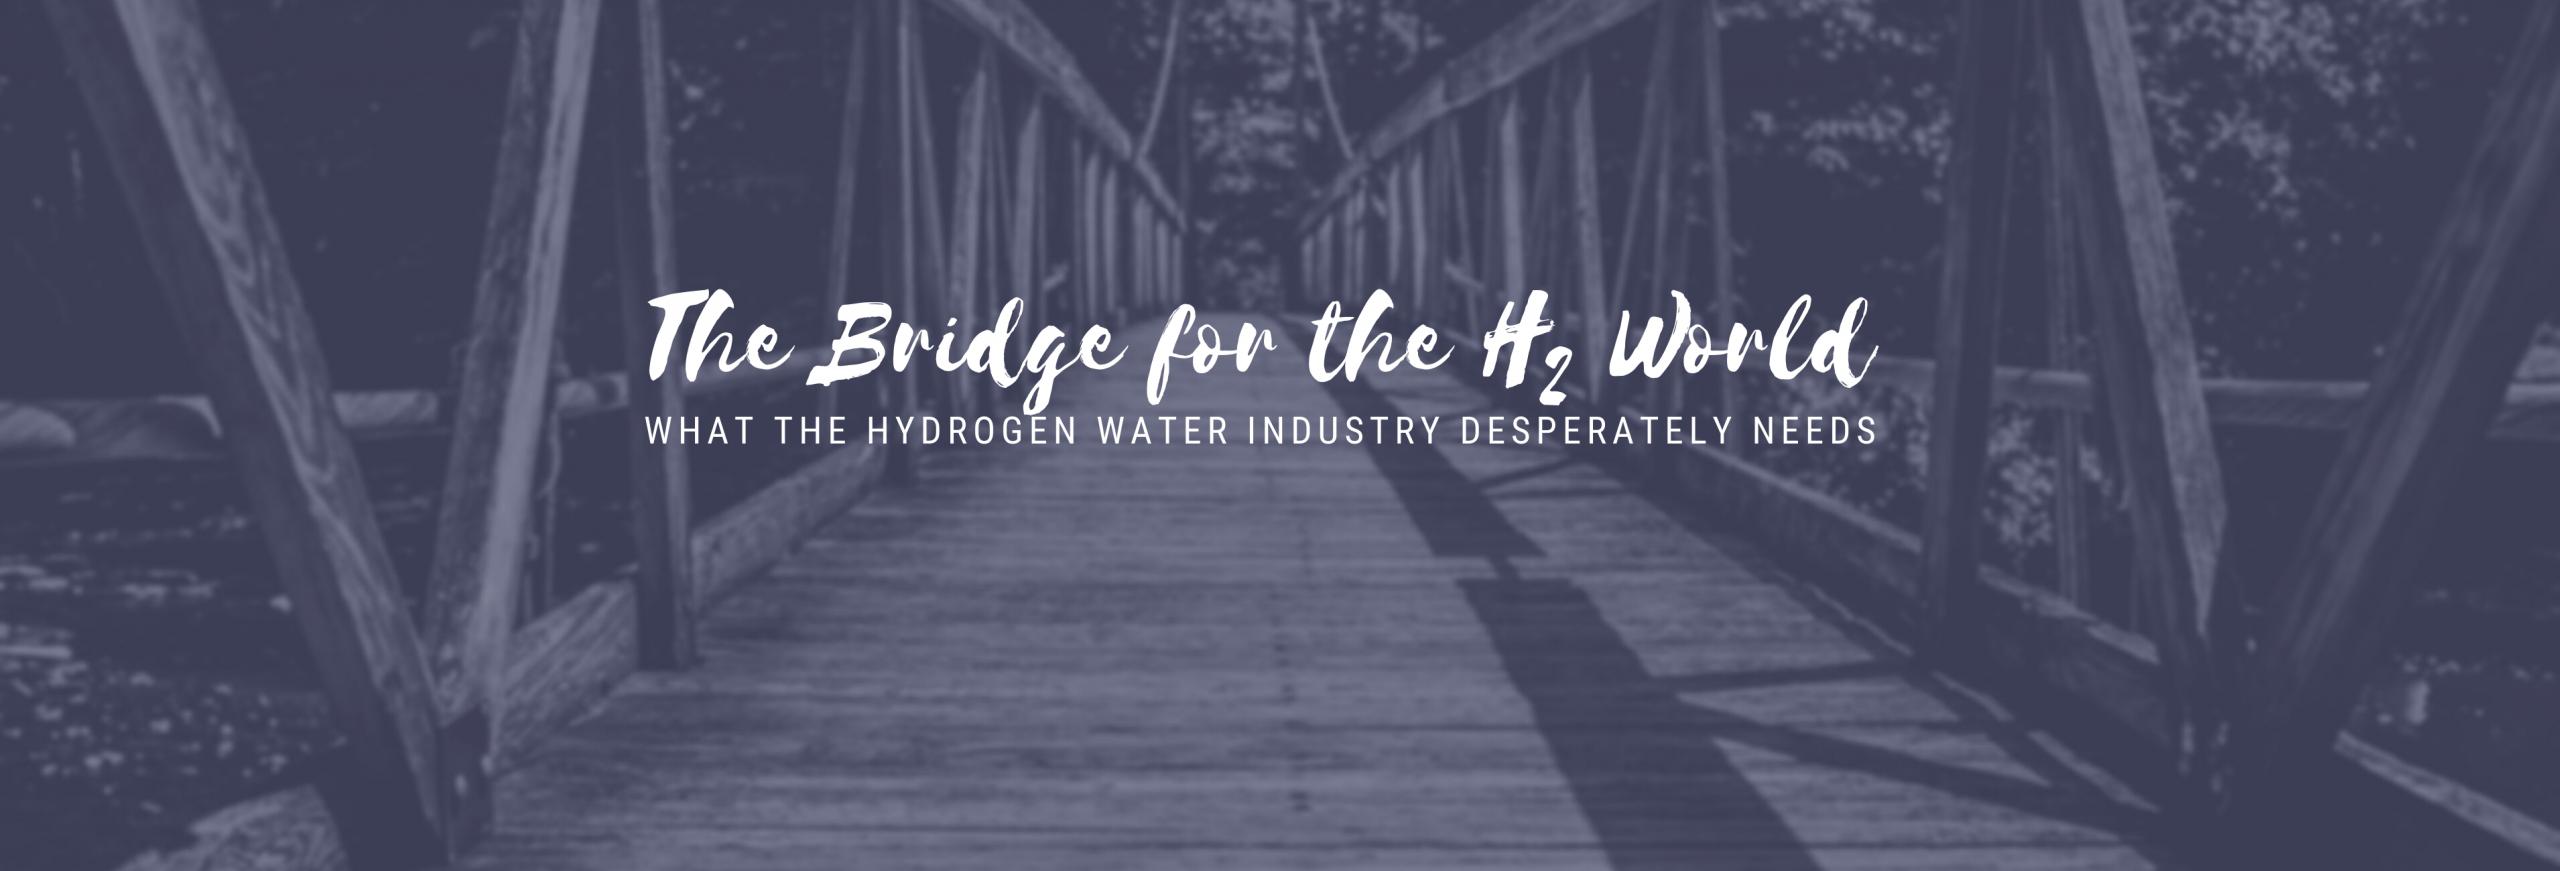 hydrogen water blog post